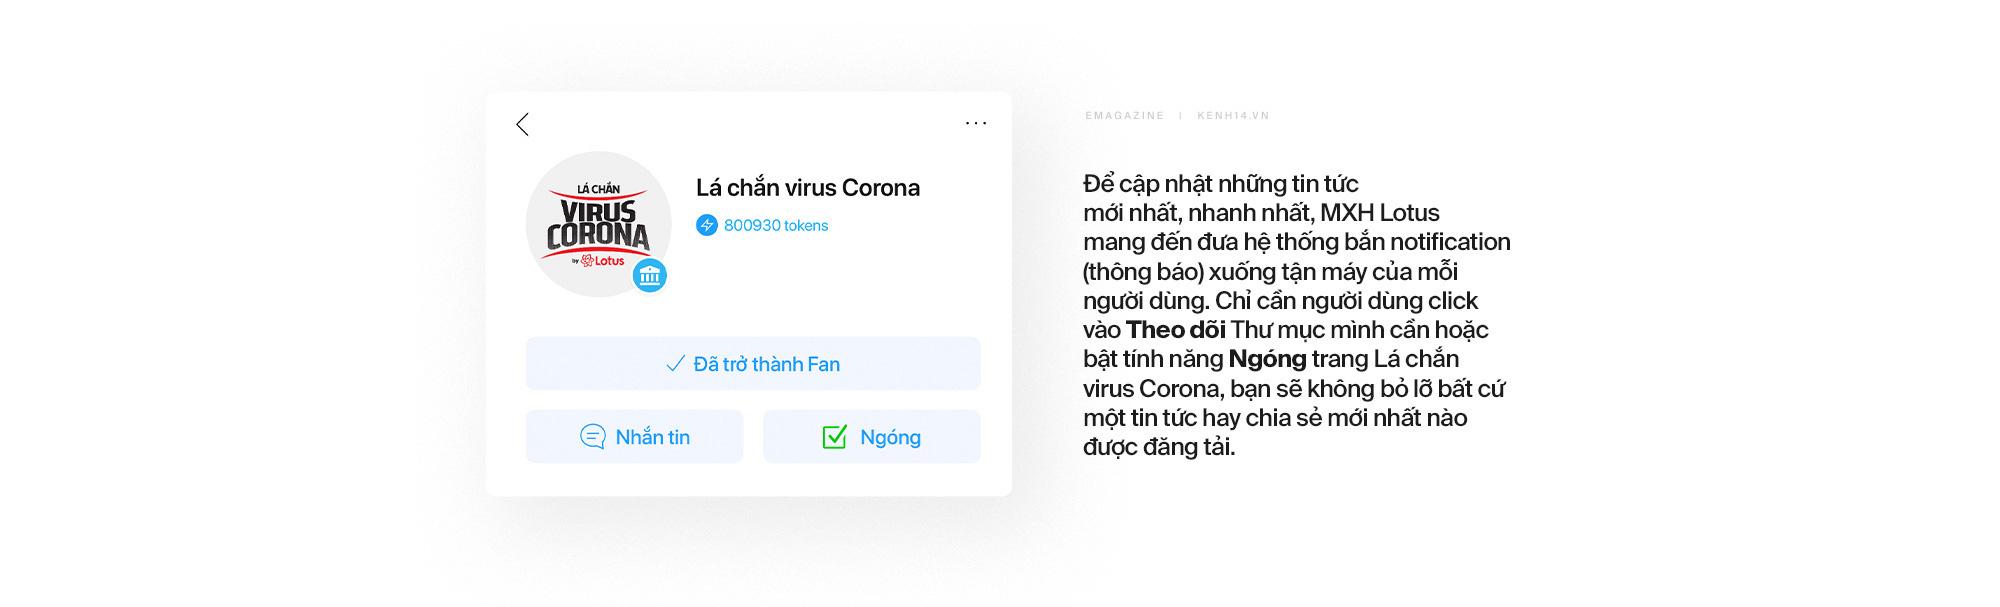 """Chiến dịch """"Lá chắn virus Corona"""": Để mỗi người trở thành một lá chắn bảo vệ mình và cả những người xung quanh - Ảnh 9."""